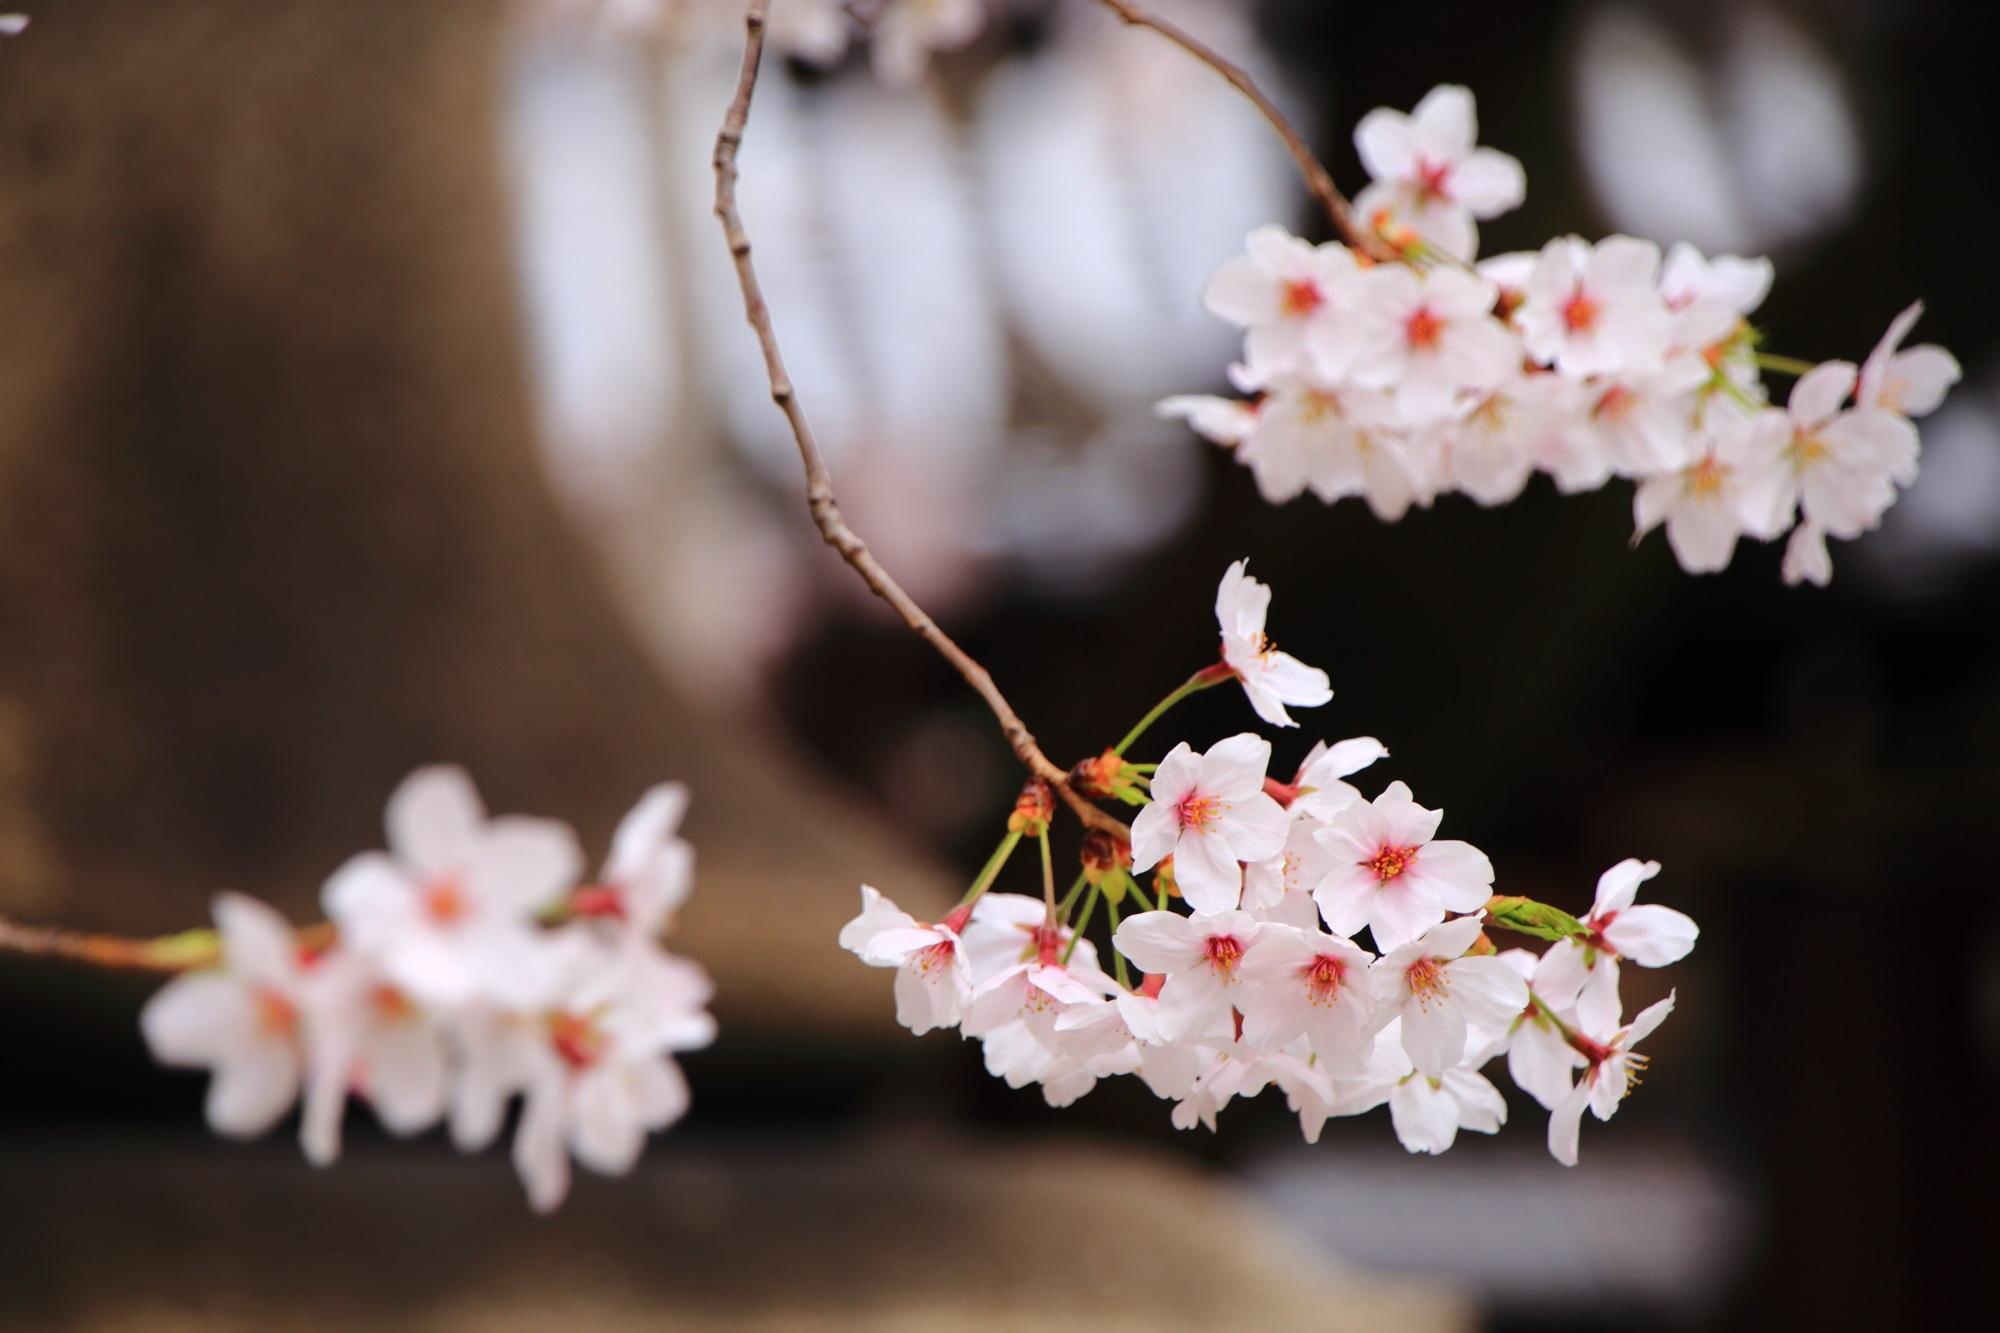 ぼくせんじ 桜 穴場 春 満開